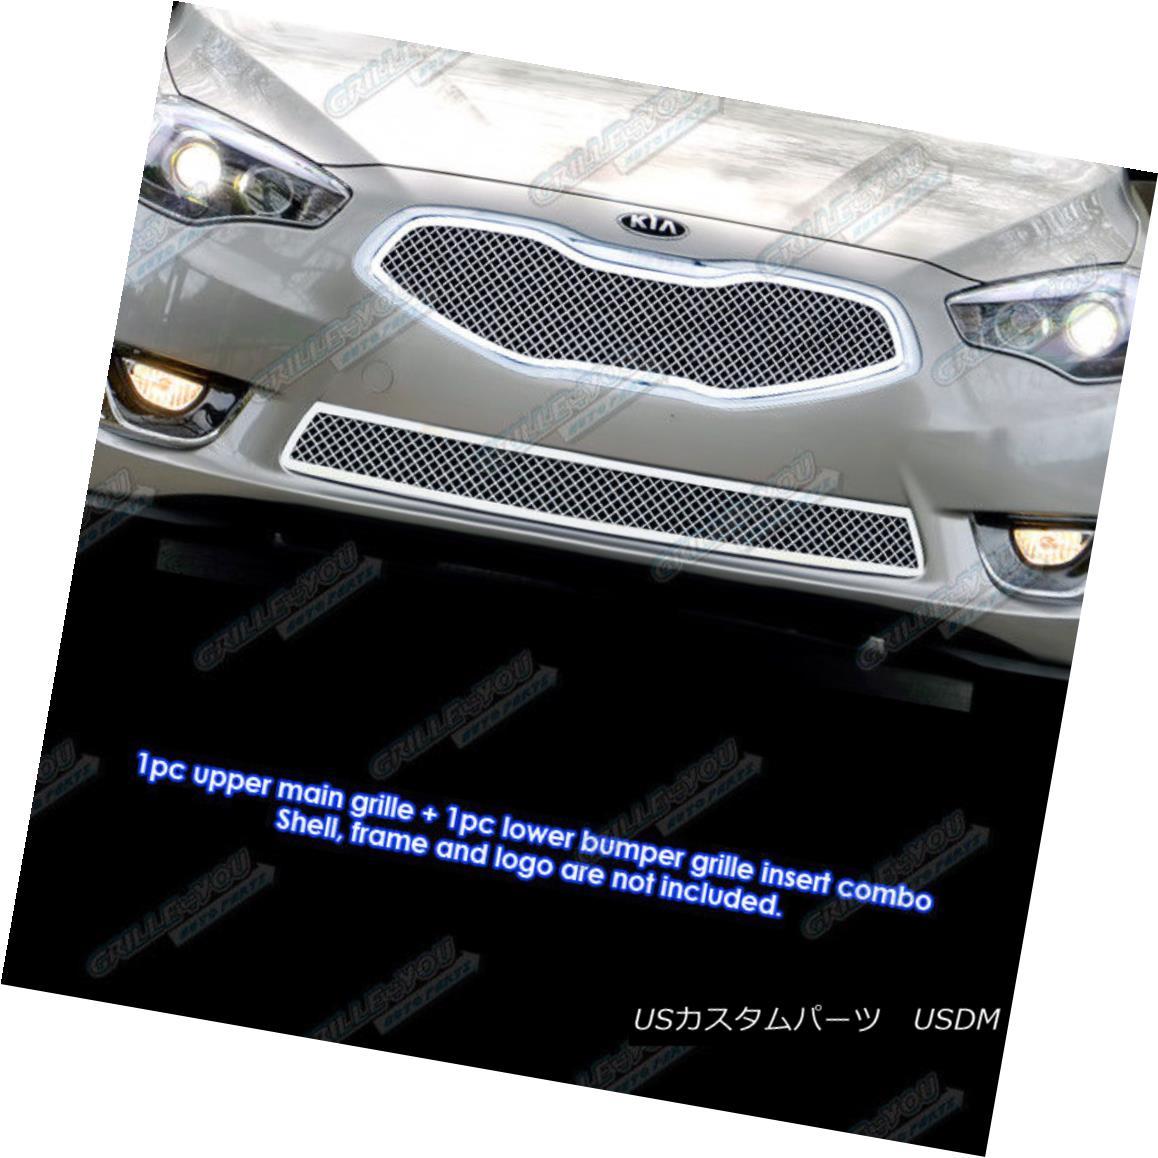 グリル Fits 2014-2015 Kia Cadenza Stainless Steel Bolt Over Mesh Grille Combo 2014-2015 Kia Cadenzaステンレスボルトをメッシュグリルコンボにフィット